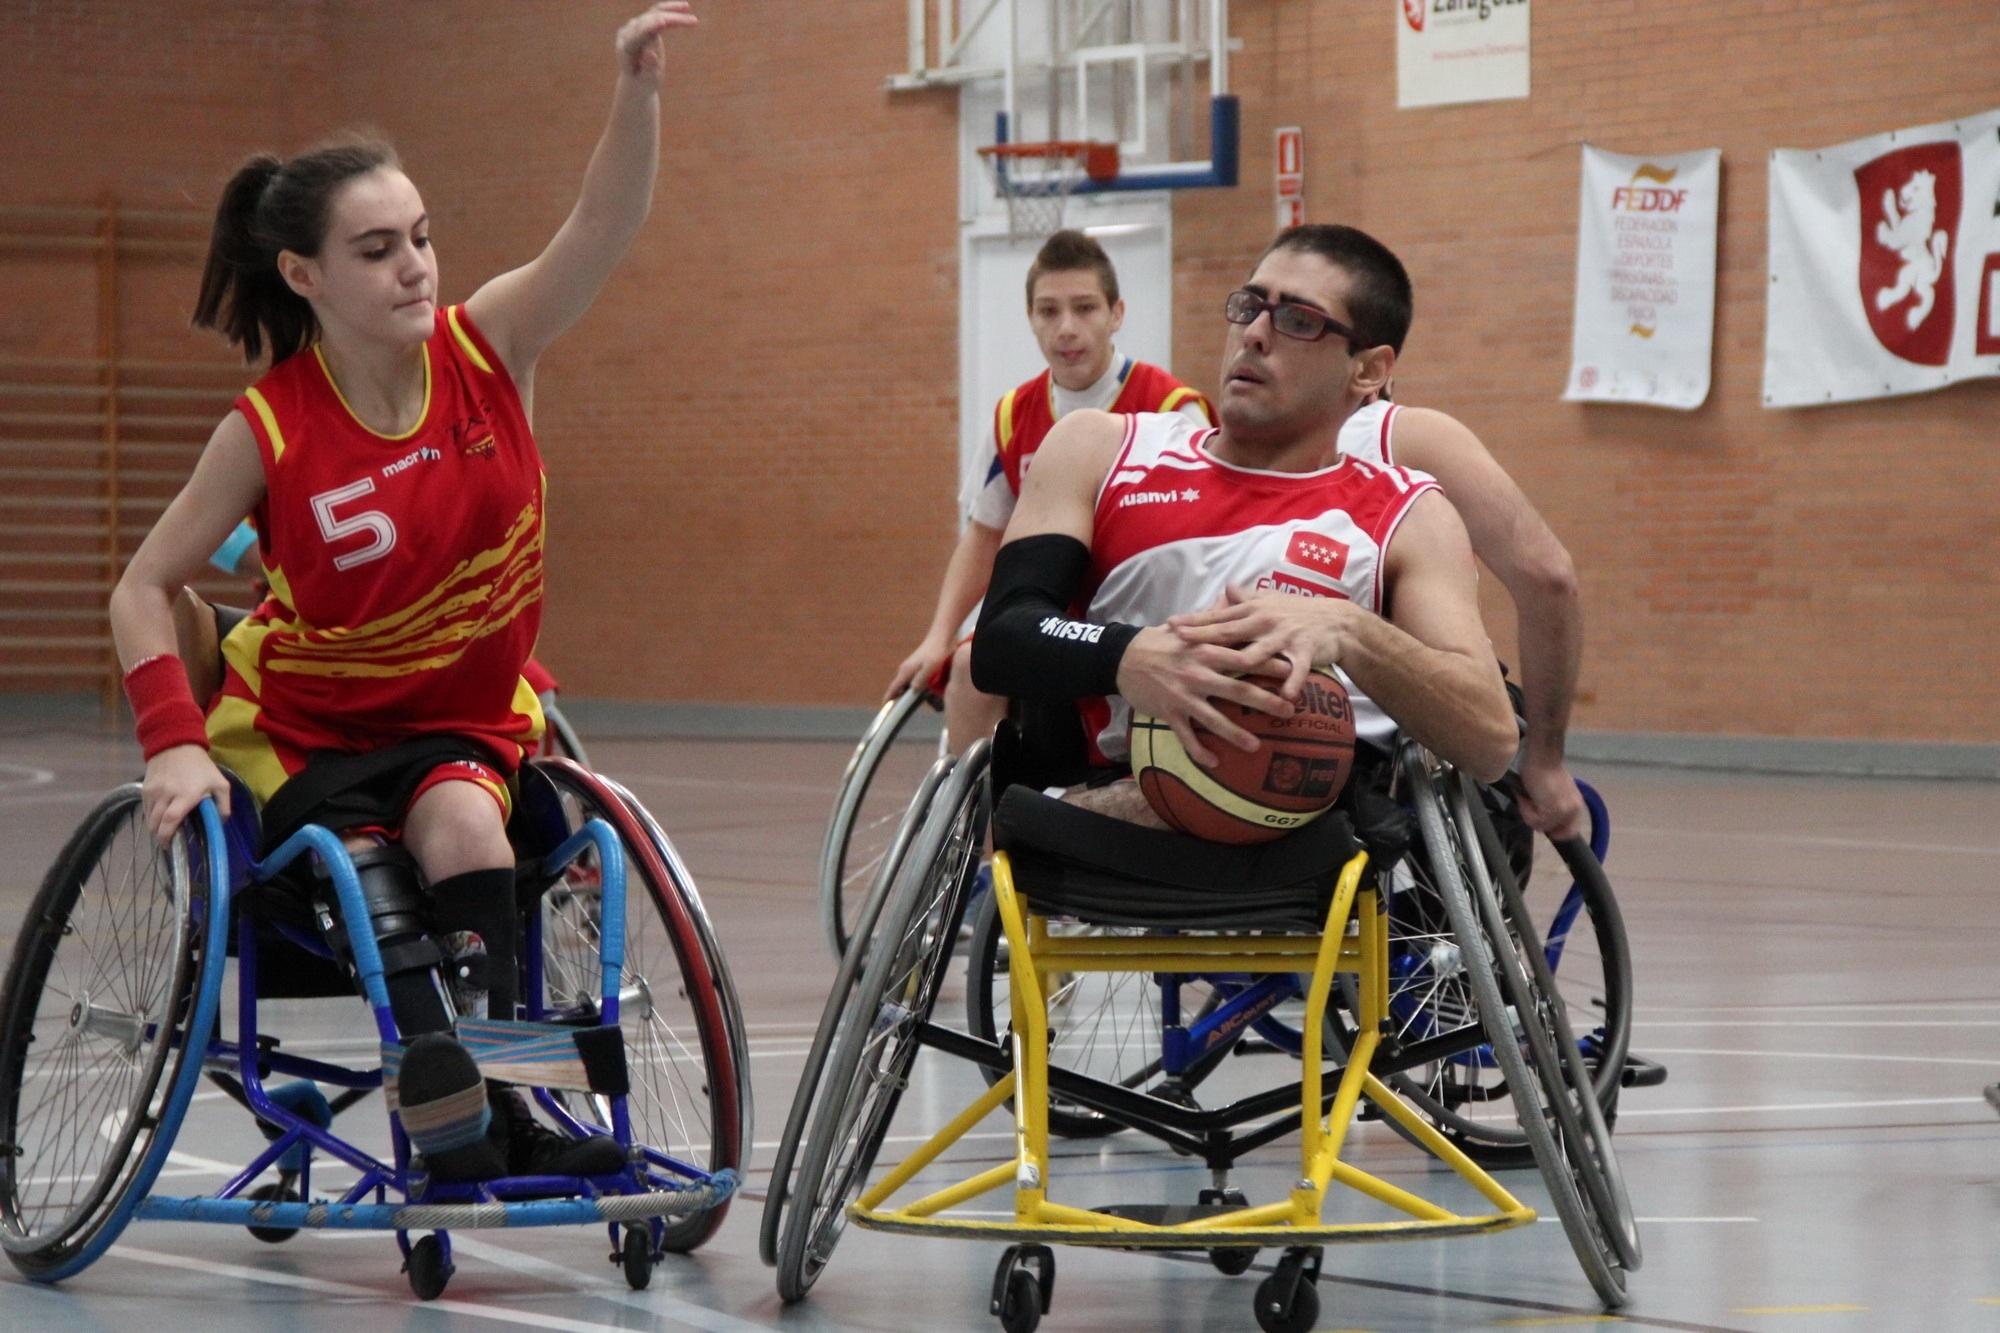 Campeonato de Espa a de Baloncesto cadete en silla de ruedas